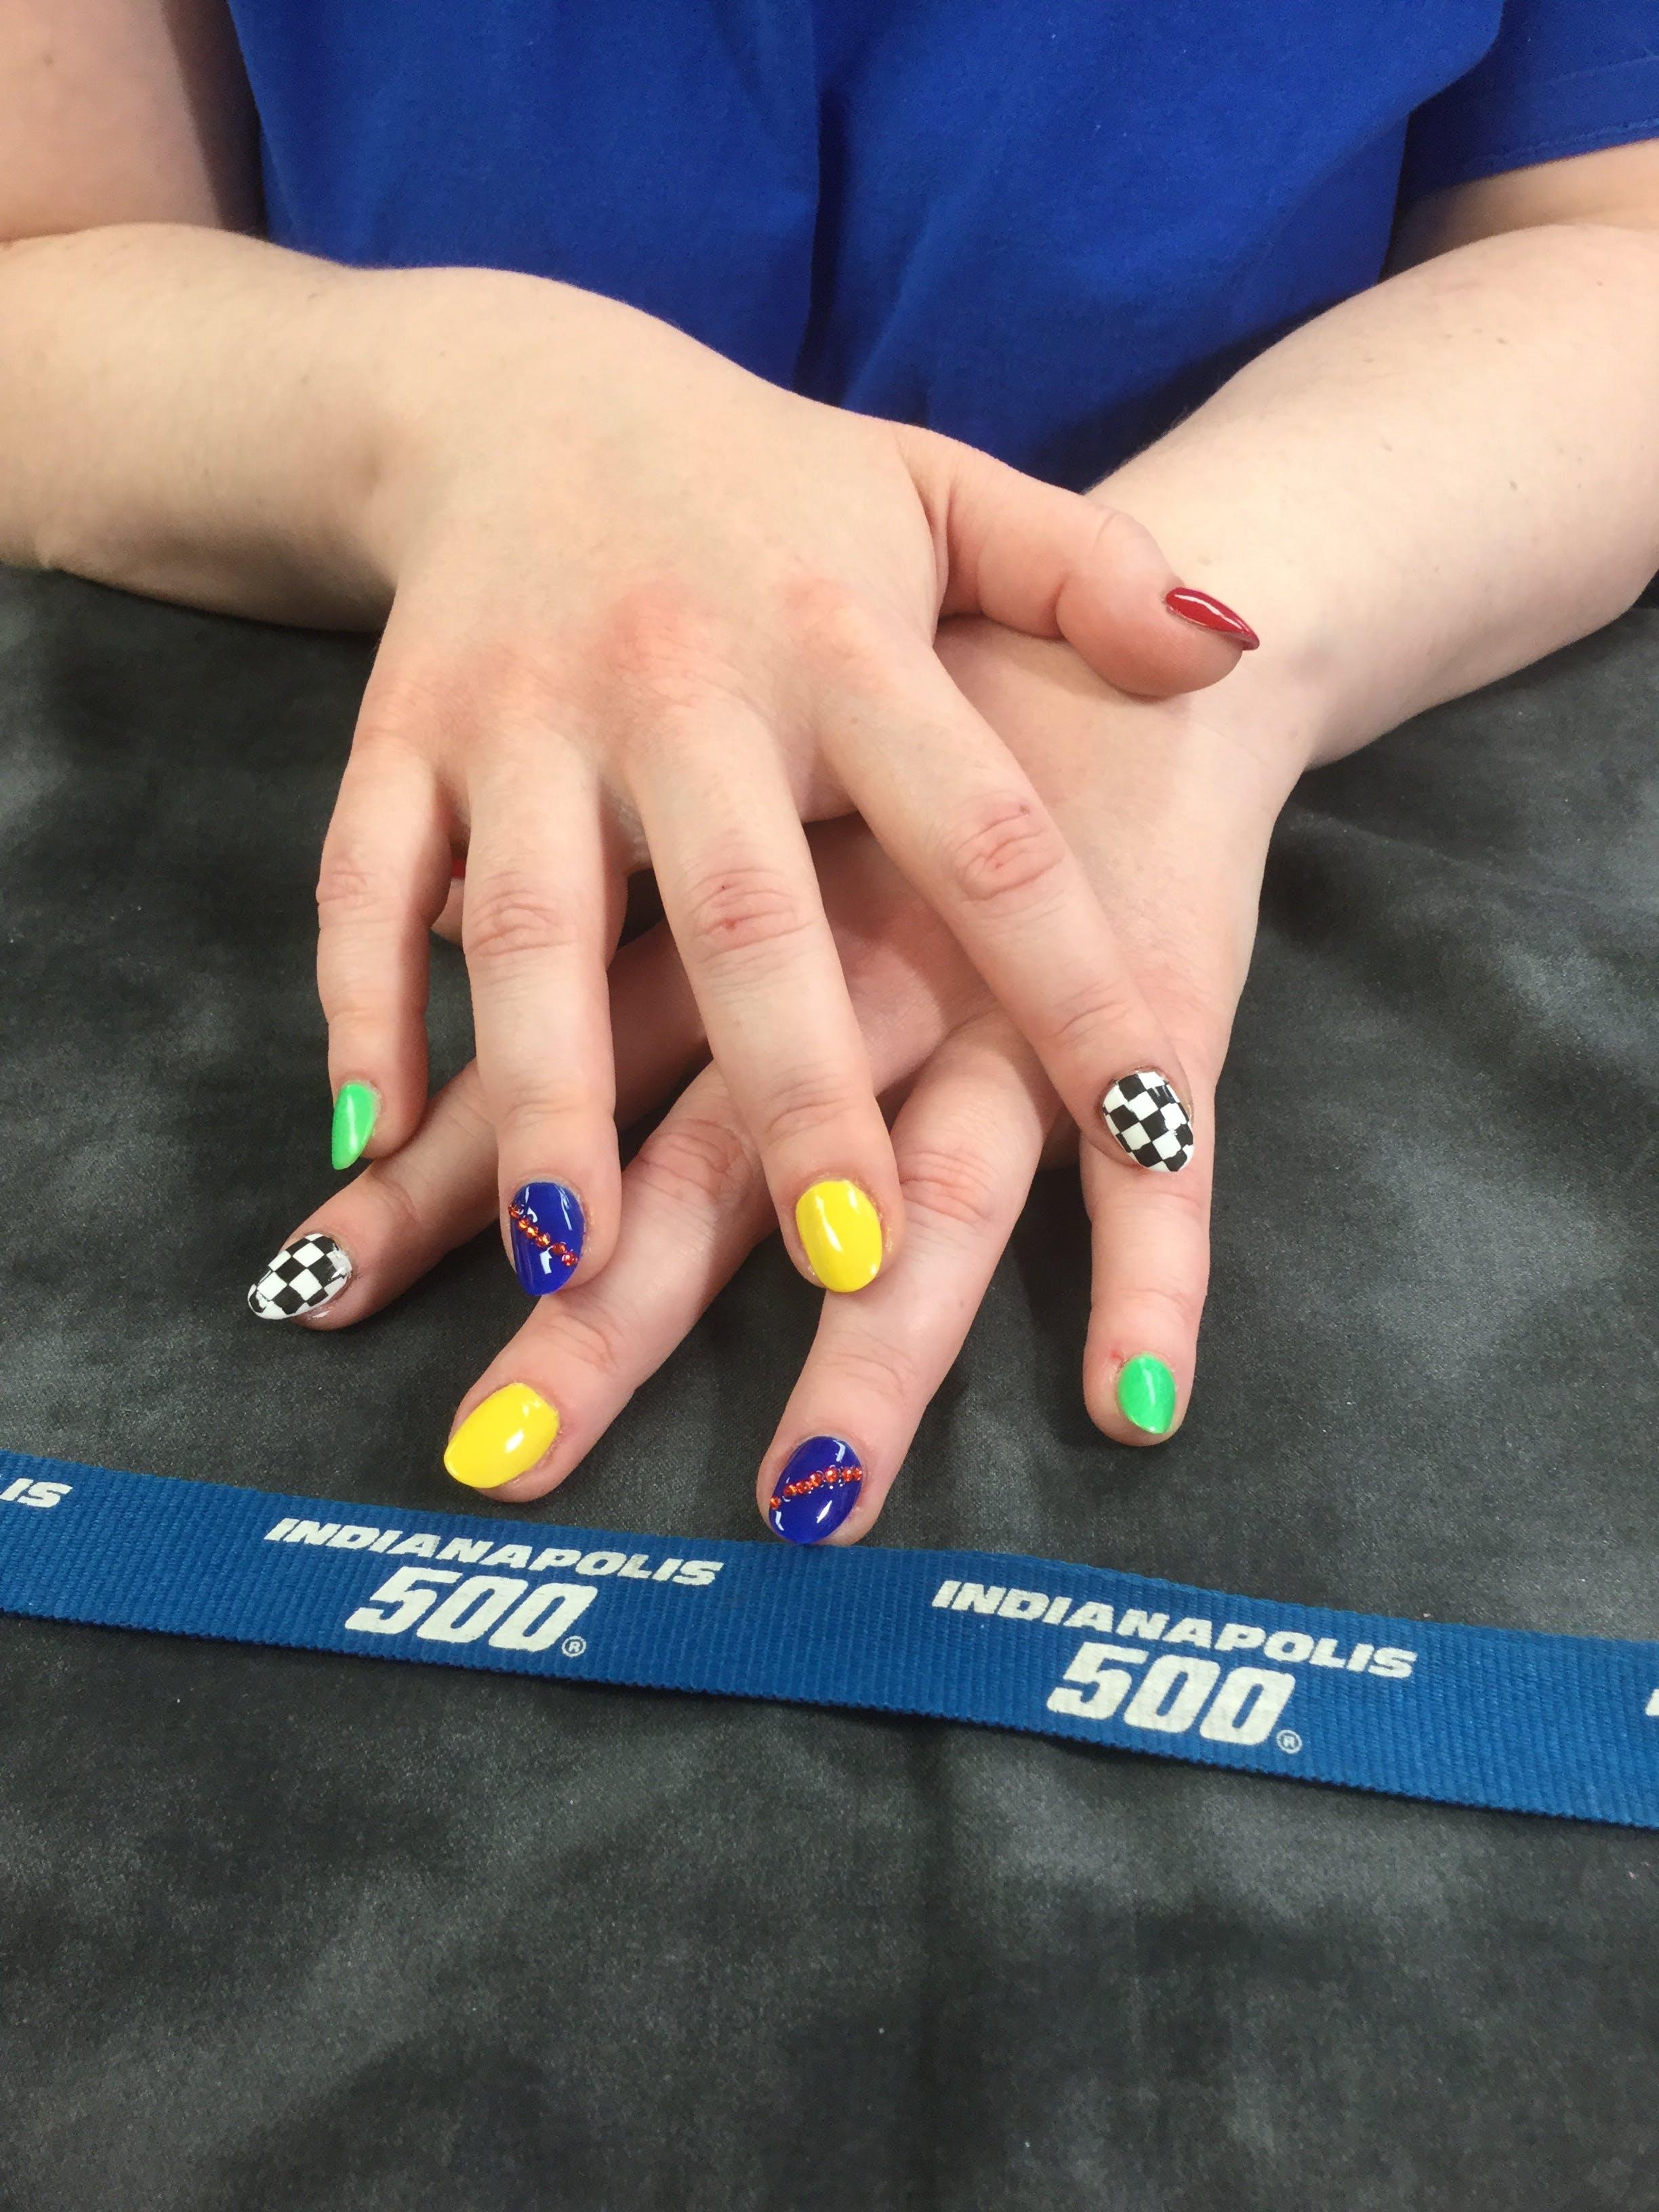 Free stock photo of fingernails, indianapolis